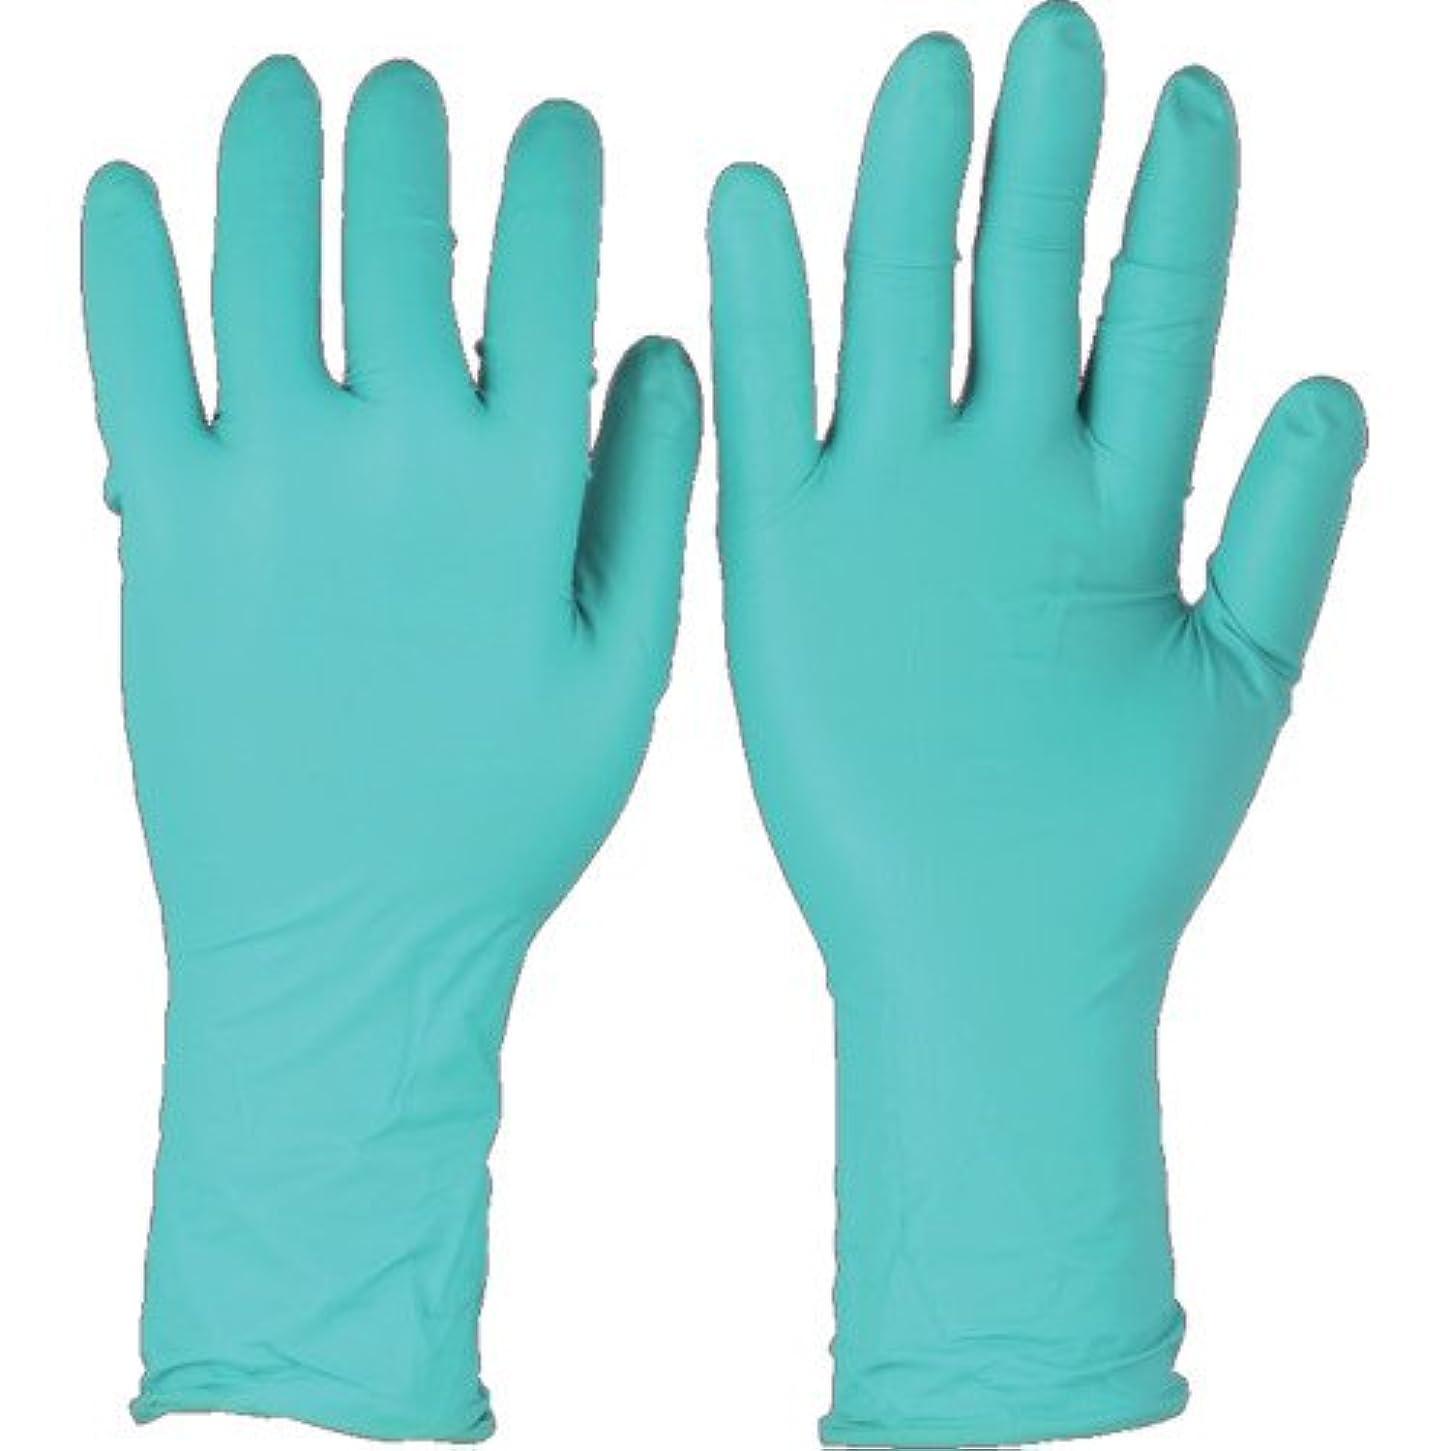 かび臭いストローク反応するアンセル ネオプレンゴム使い捨て手袋 マイクロフレックスXXLサイ 50枚入 93260-11